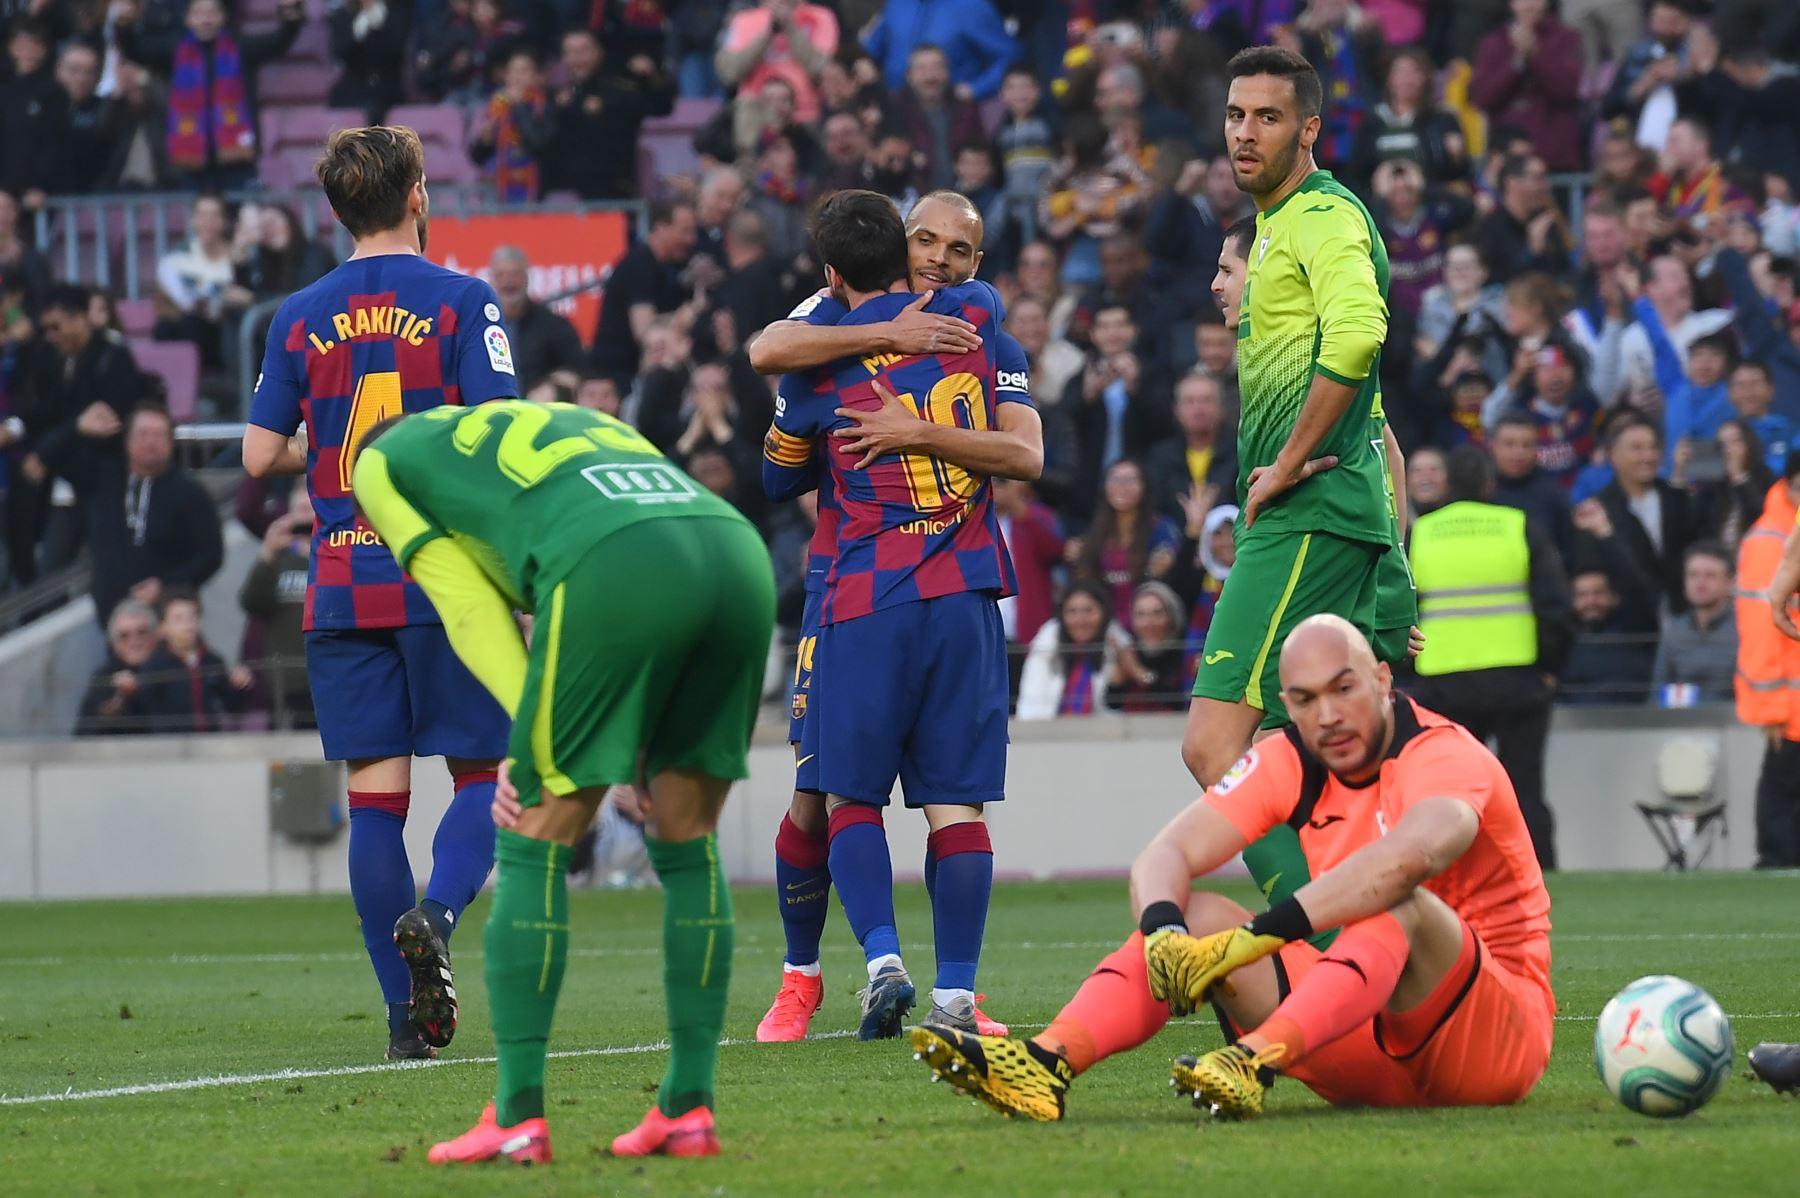 El delantero argentino de Barcelona Lionel Messi  celebra con el delantero danés de Barcelona Martin Braithwaite después de anotar durante el partido de fútbol de la liga española FC Barcelona contra SD Eibar. Foto: AFP